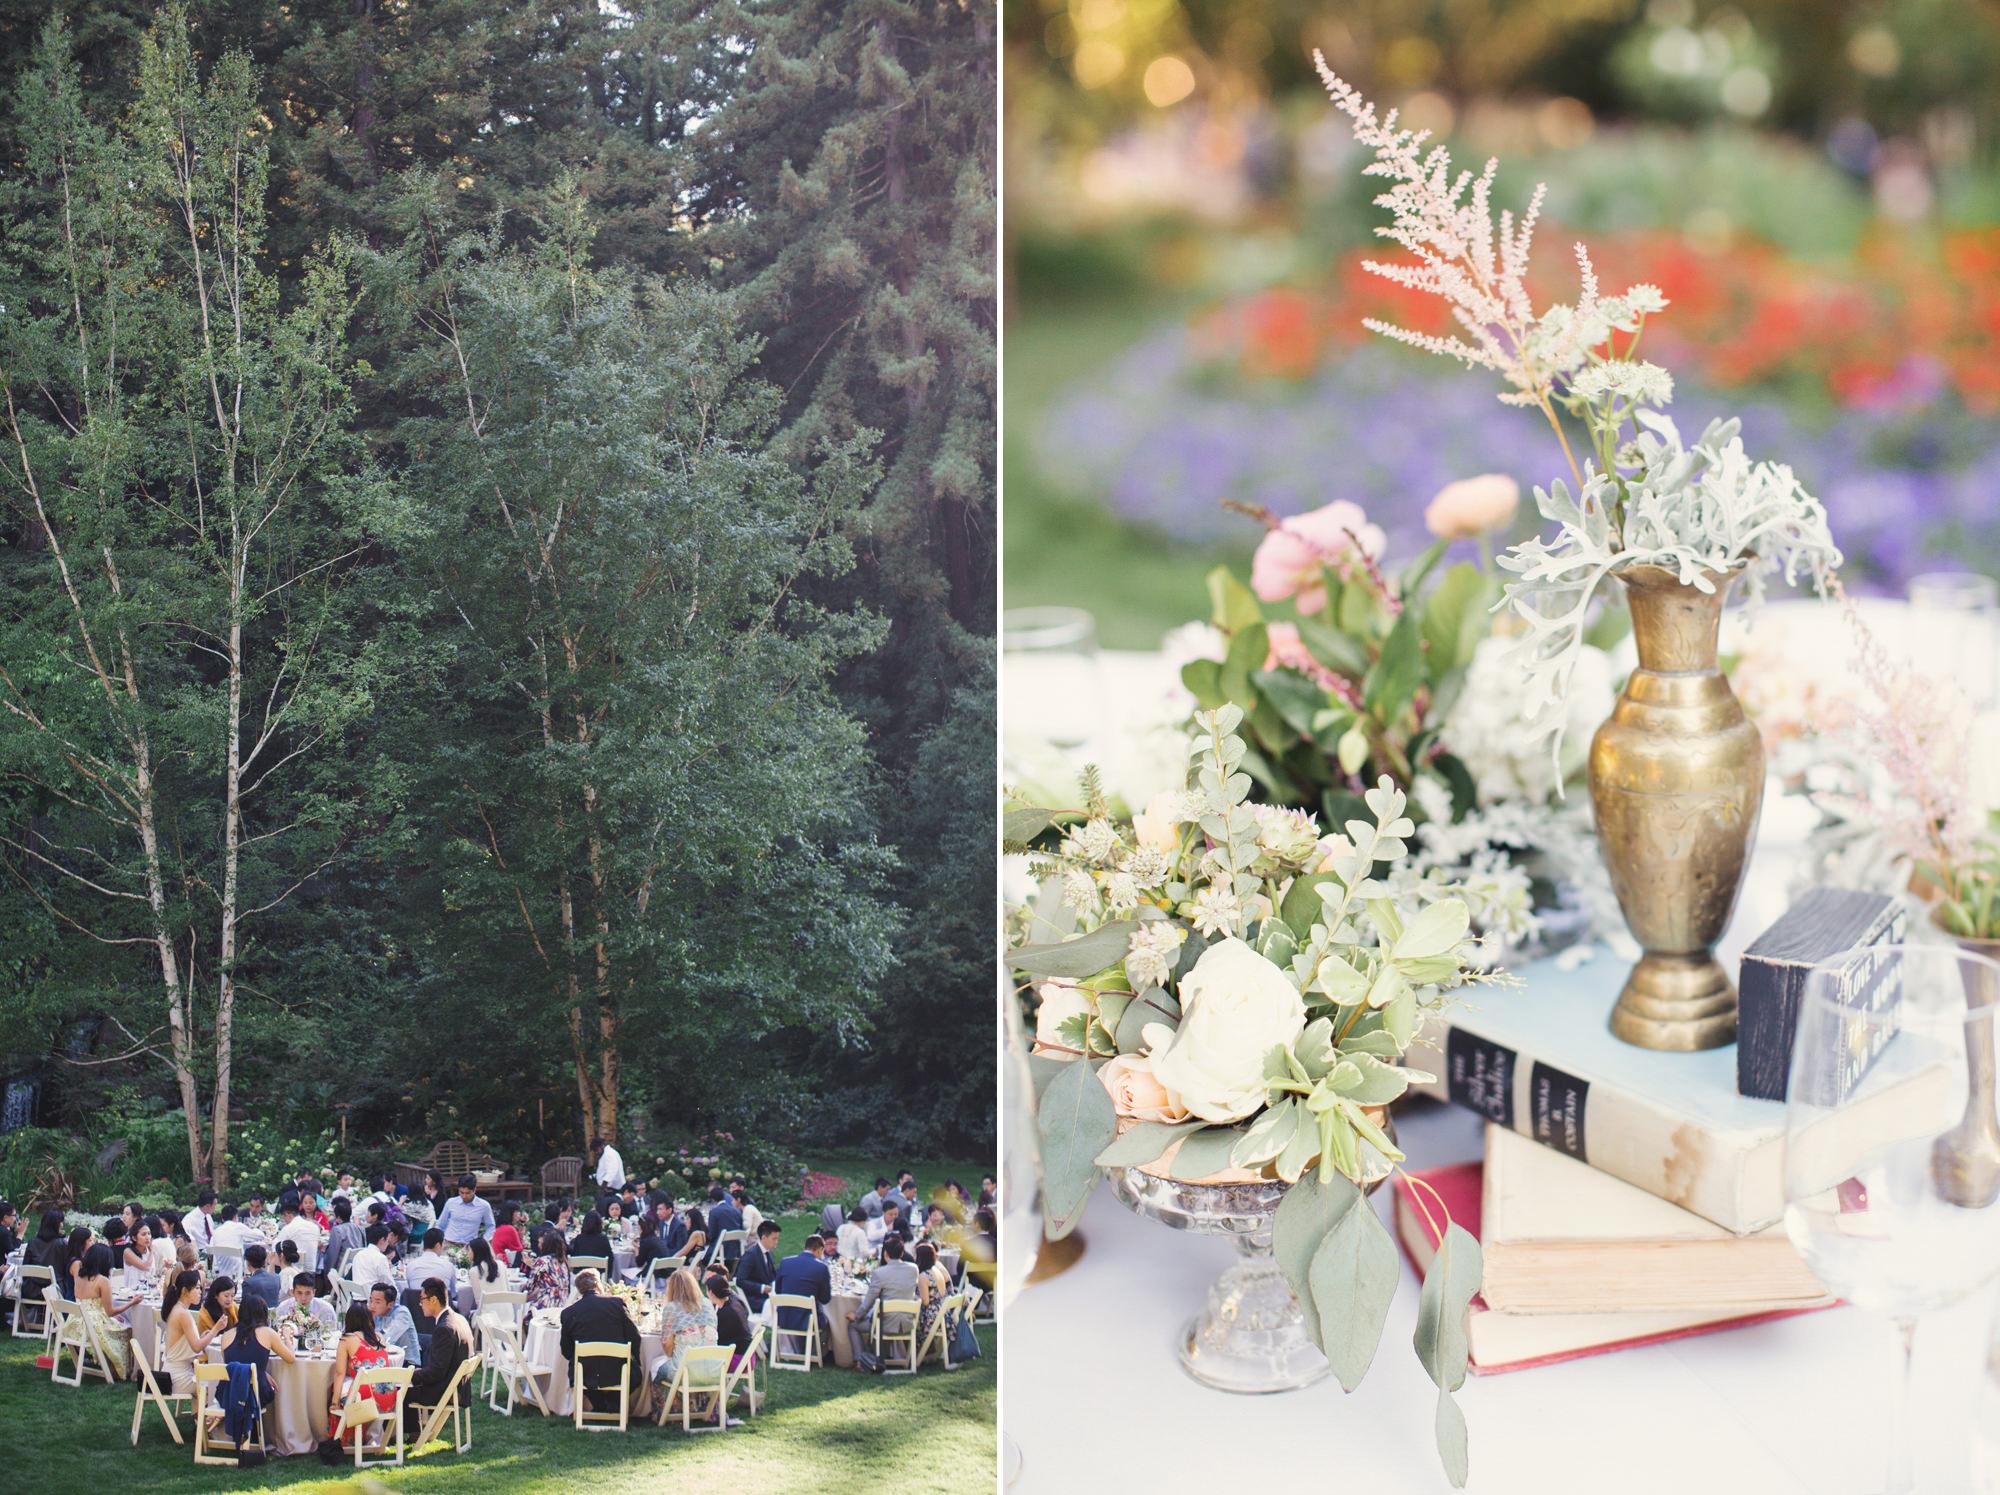 Fairytale Wedding in Nestldown ©Anne-Claire Brun 0052